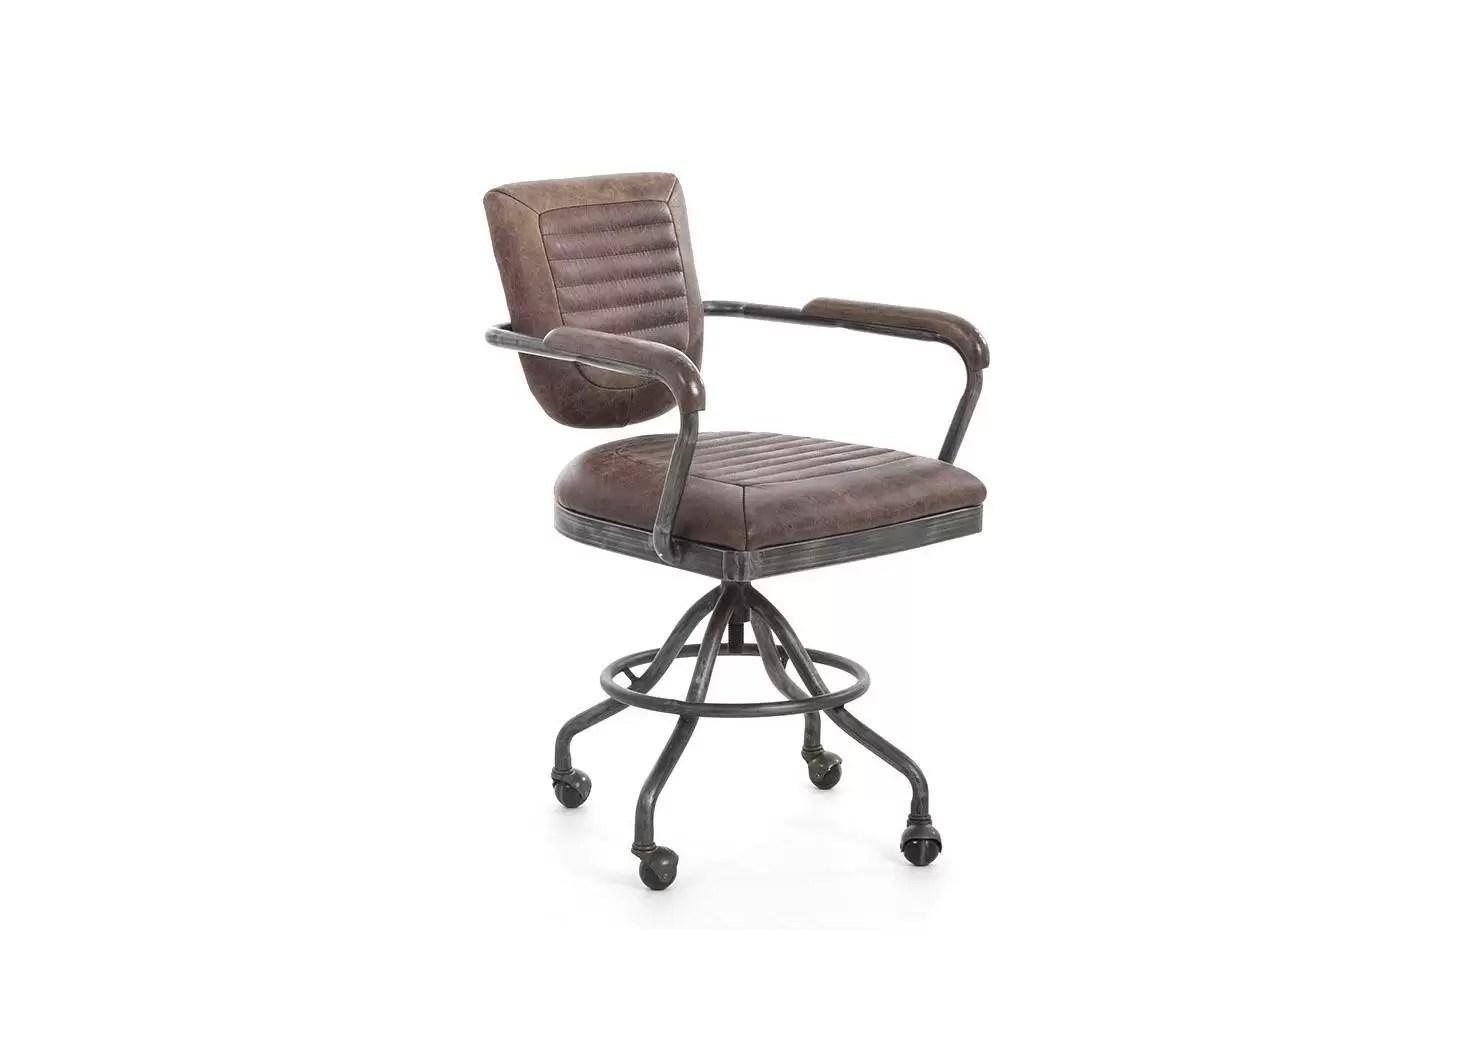 fauteuil de bureau cuir marron vintage et metal h84 cm